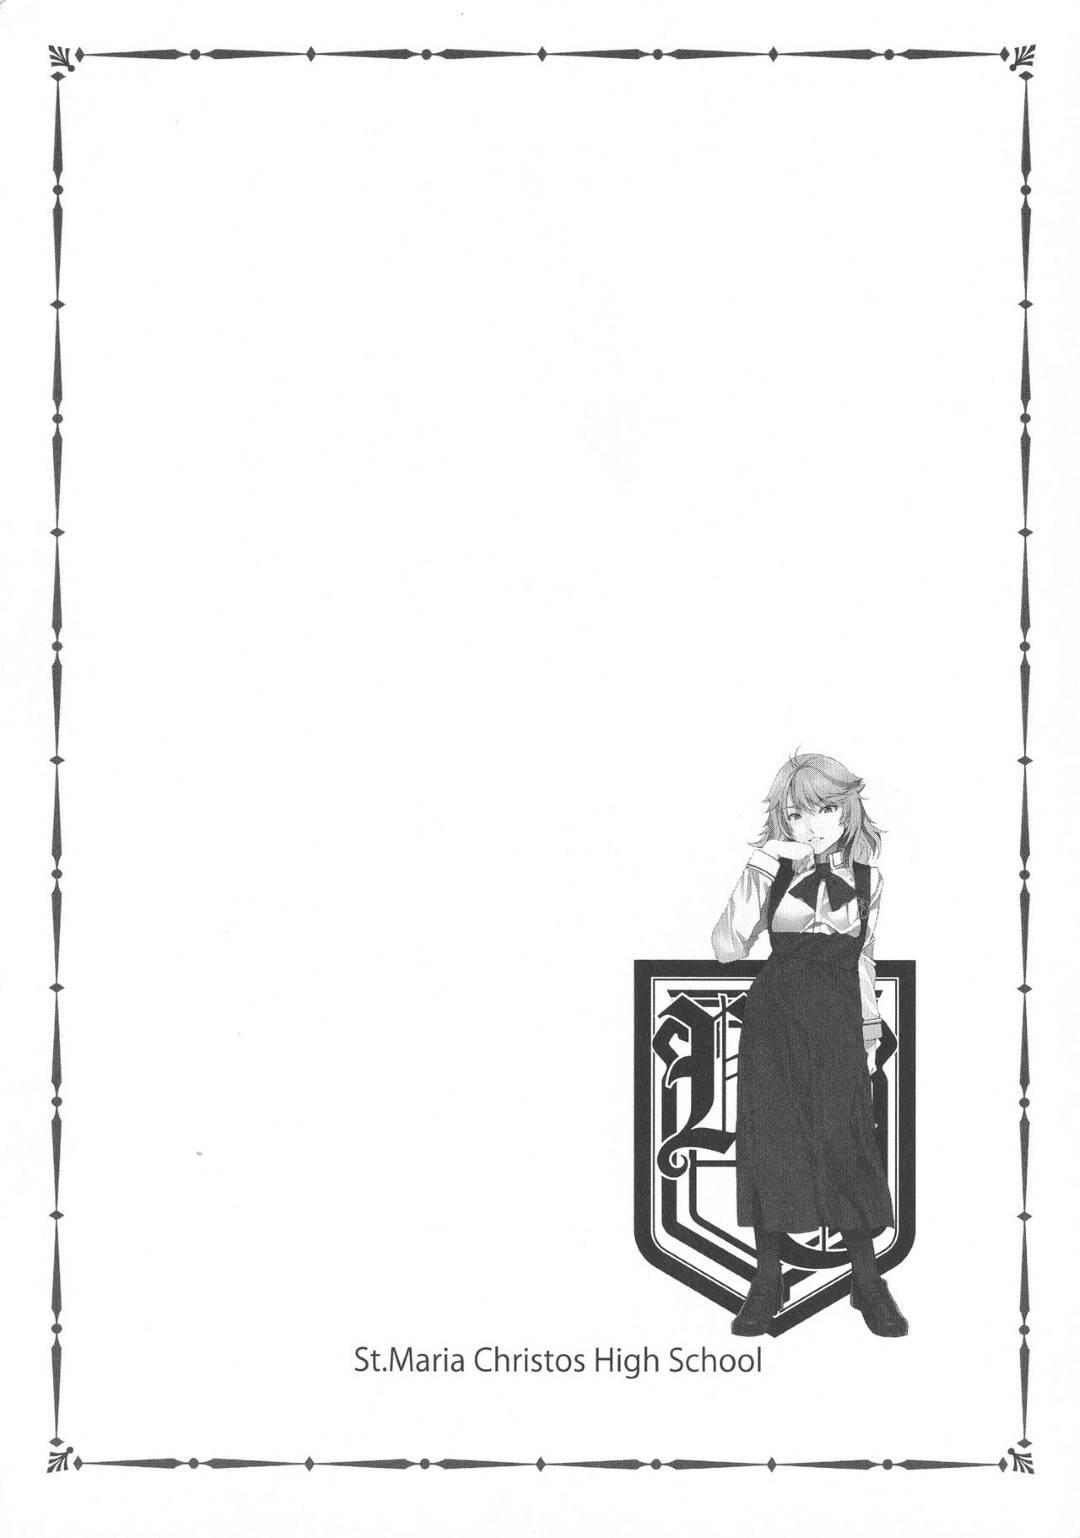 【エロ漫画】体育の授業中に学校の鐘によって催眠をかけられてしまったお嬢様学校の女子生徒達。常識を改変させられた挙げ句、理性を失った彼女たちはストレッチと称して女子生徒同士でディープキスしあったり、ディルドを使った疑似セックスでアヘ顔でヨガりまくる。